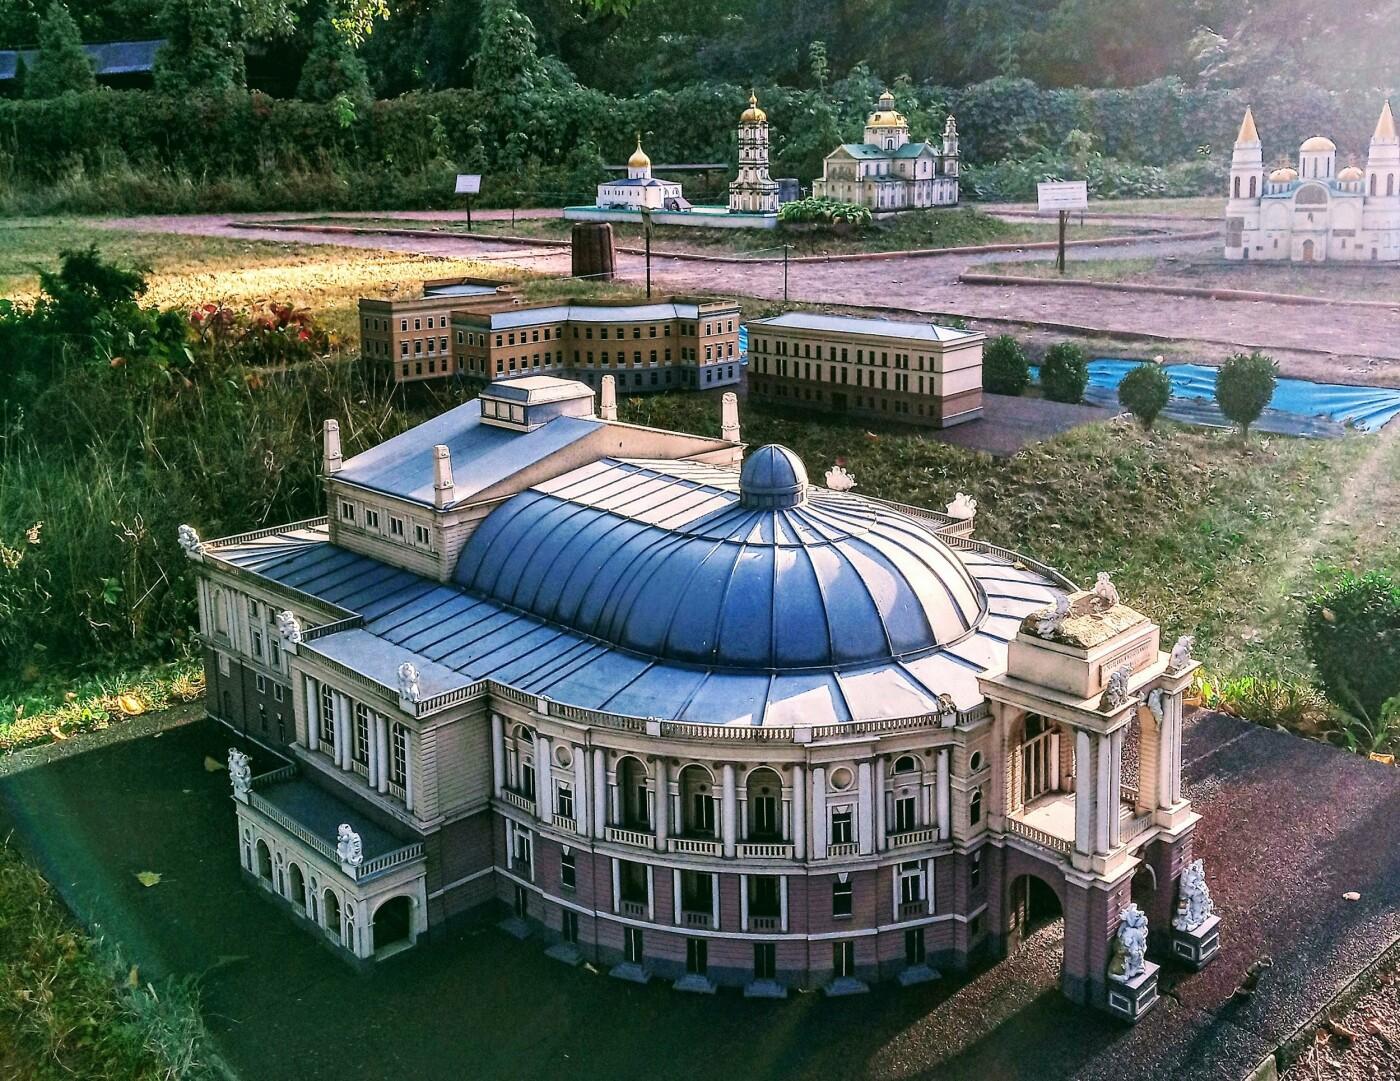 Парк-музей «Киев в миниатюре»: где находится и почему его стоит посетить, - ФОТО, ЦЕНЫ, Фото: Natasha Polevaya